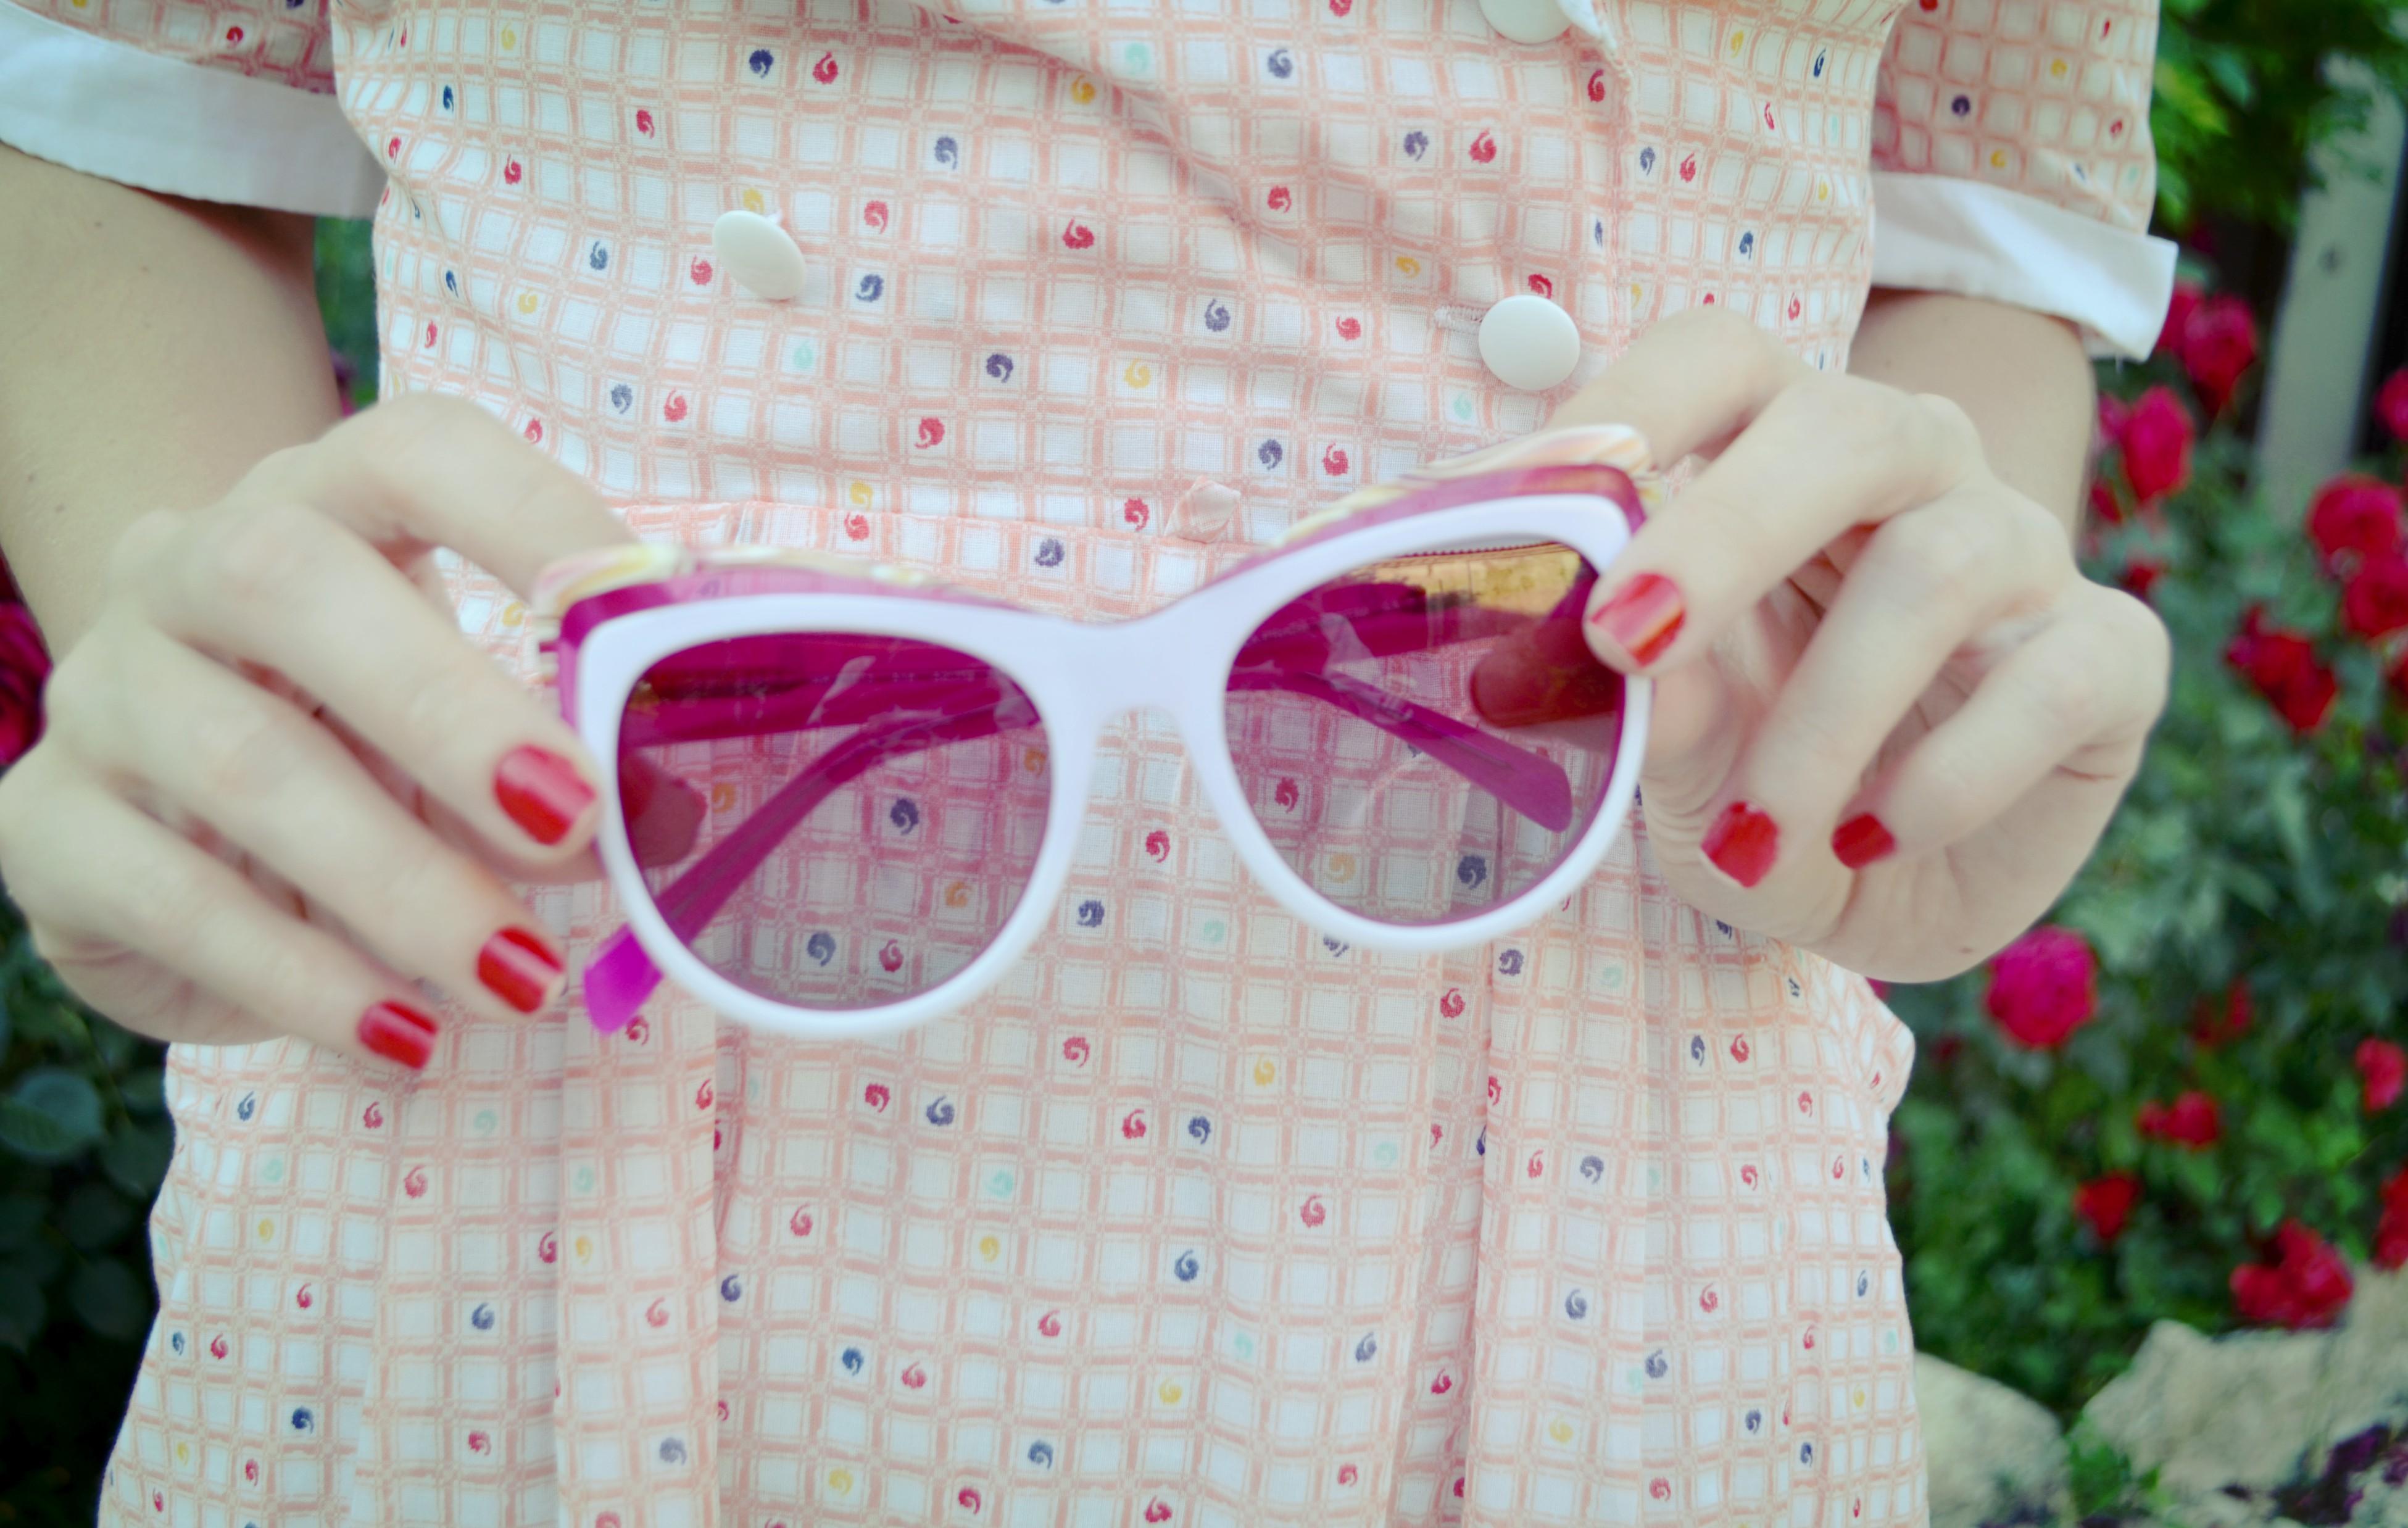 Gafas-de-sol-agatha-ruiz-de-la-prada-vestidos-vintage-de-verano-ChicAdicta-blog-de-moda-Chic-Adicta-cleansing-florette-PiensaenChic-Piensa-en-Chic